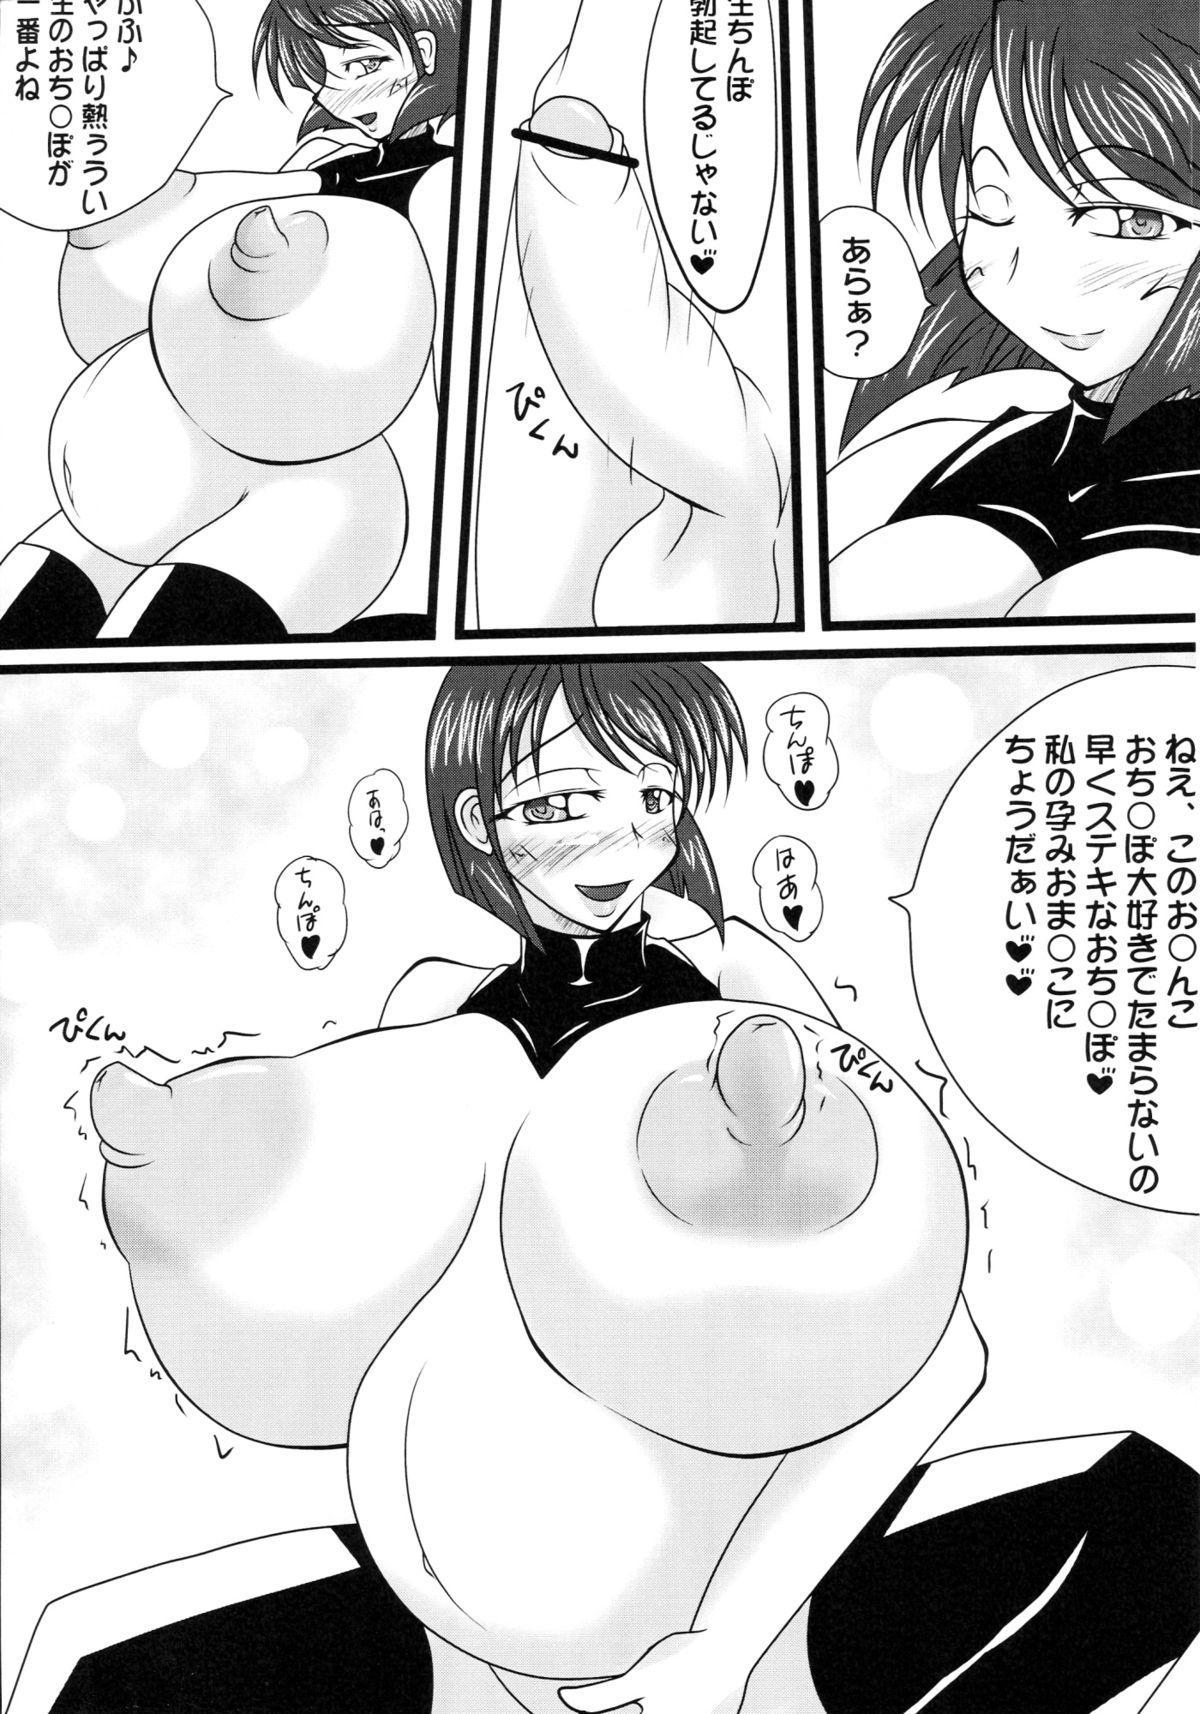 Nikuen no Yakata 16